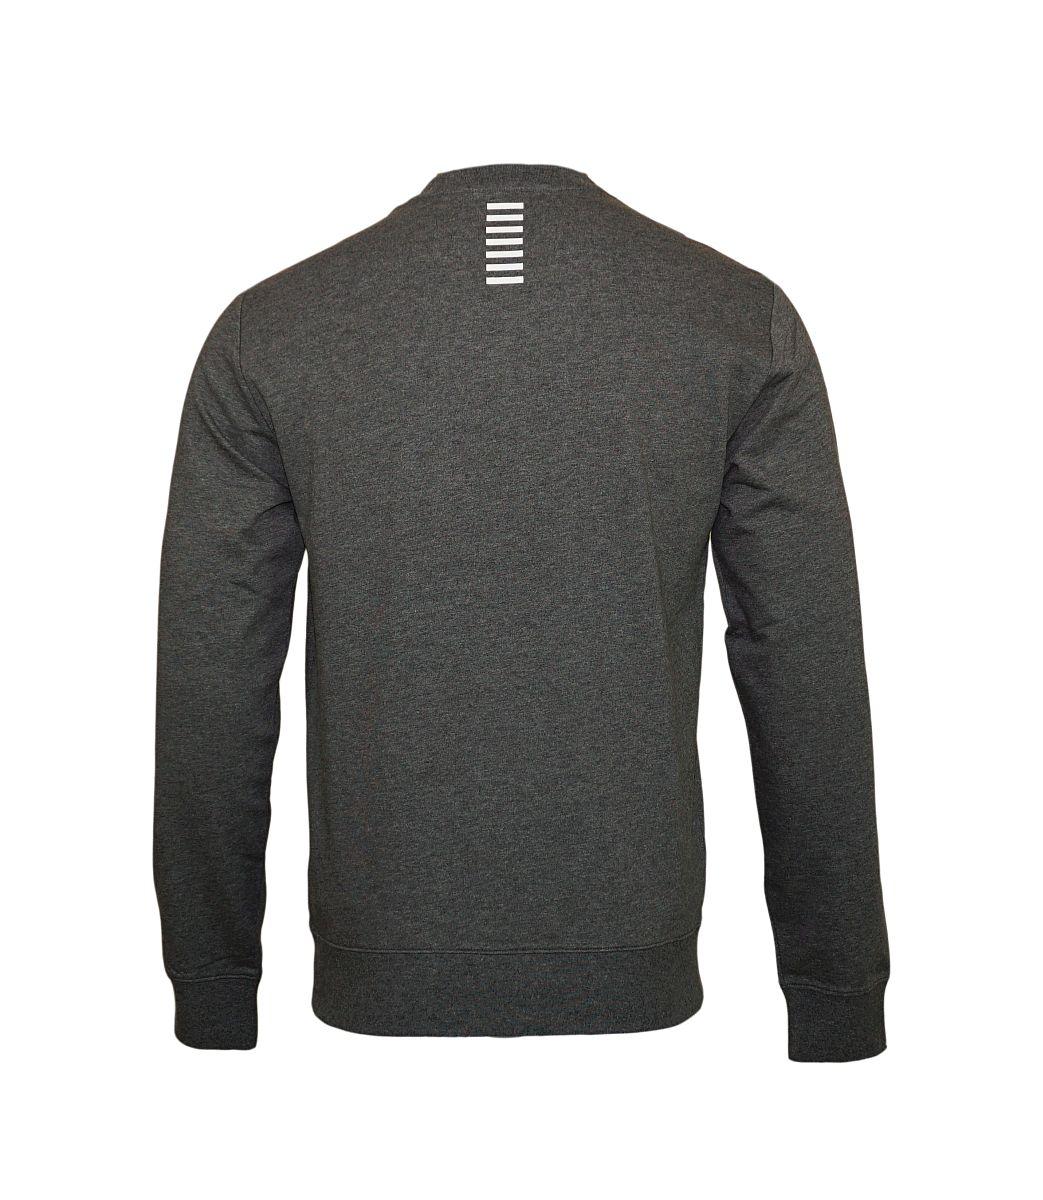 EA7 Emporio Armani Sweatshirt Pullover 6YPM52 PJ05Z 3925 Dark Grey Melange HW17-EASS1